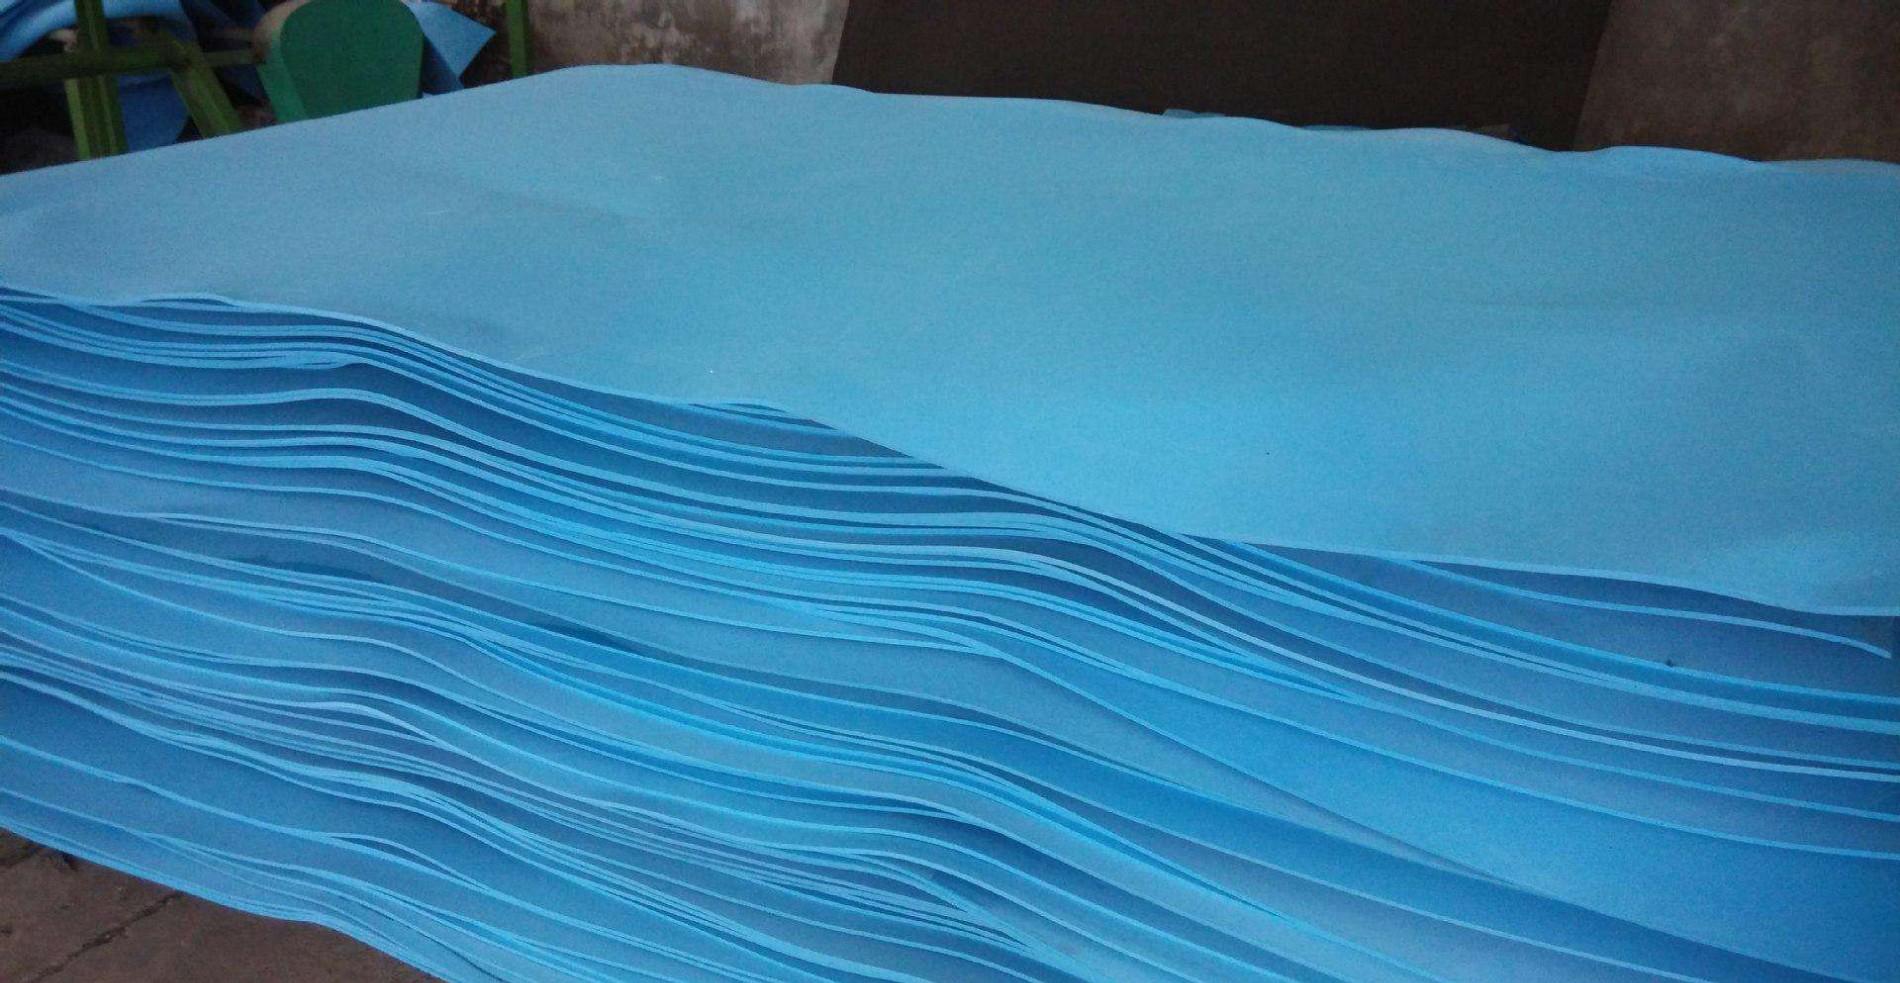 Eva Packaging Material Manufacturers, Eva Packaging Material Factory, Supply Eva Packaging Material